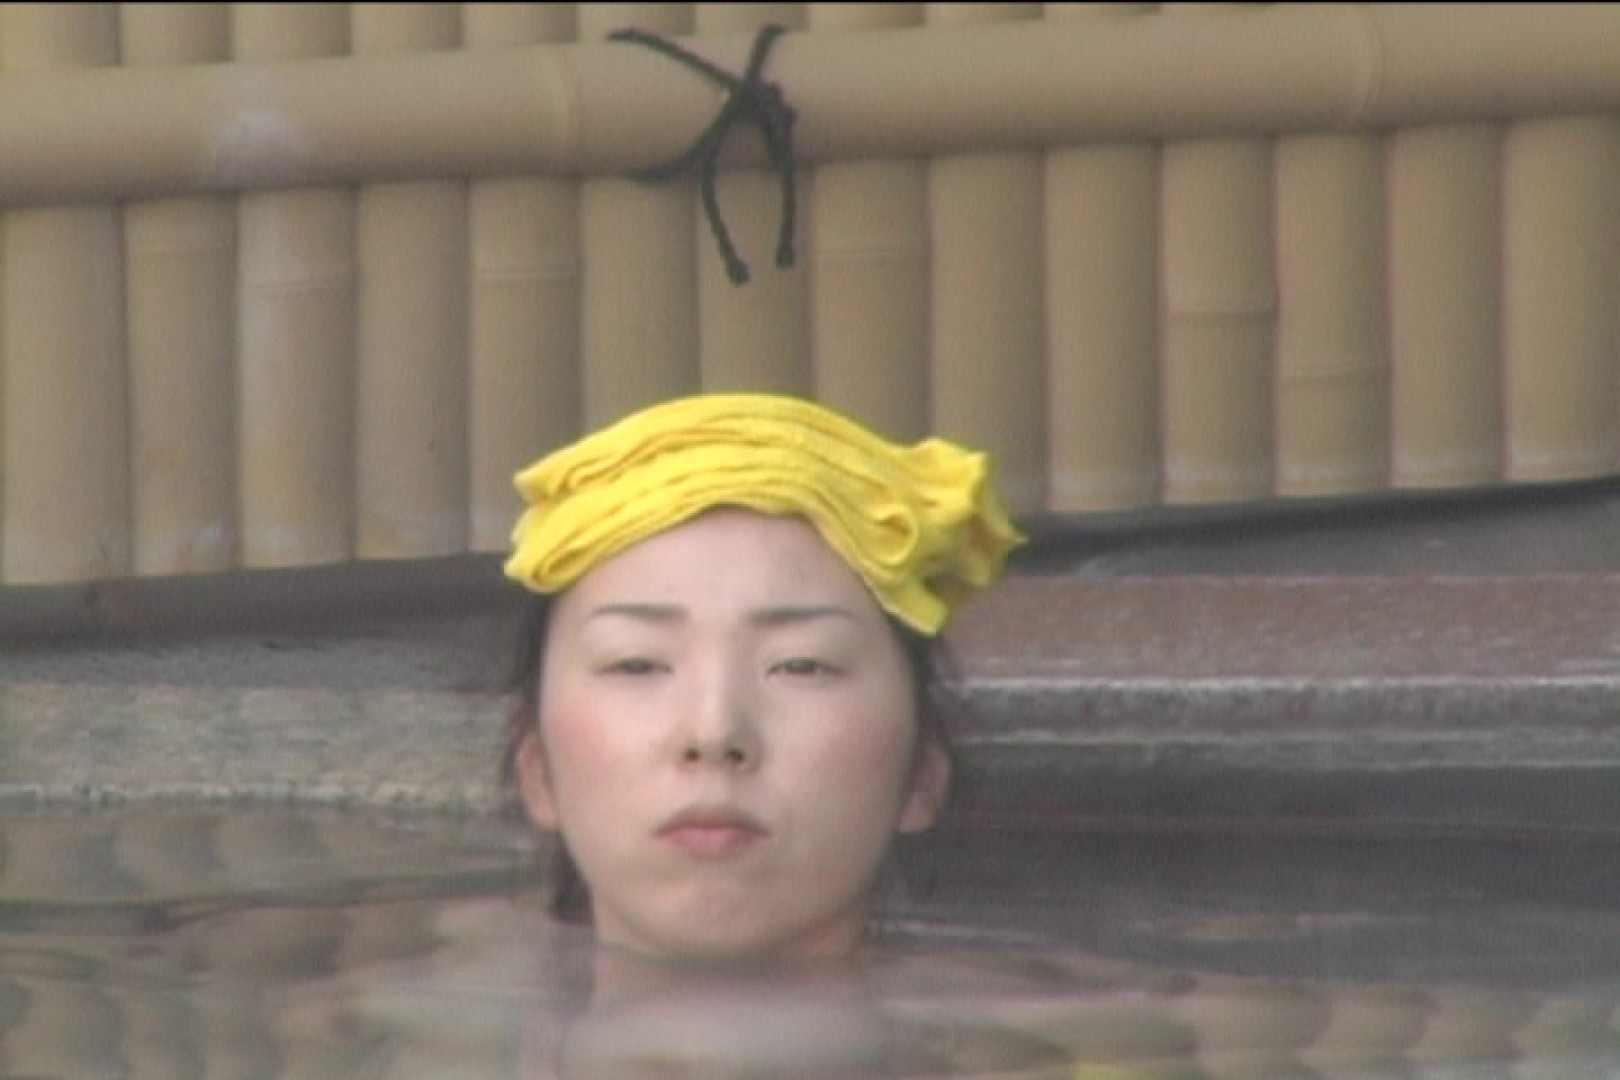 Aquaな露天風呂Vol.529 盗撮師作品 おめこ無修正画像 104pic 11